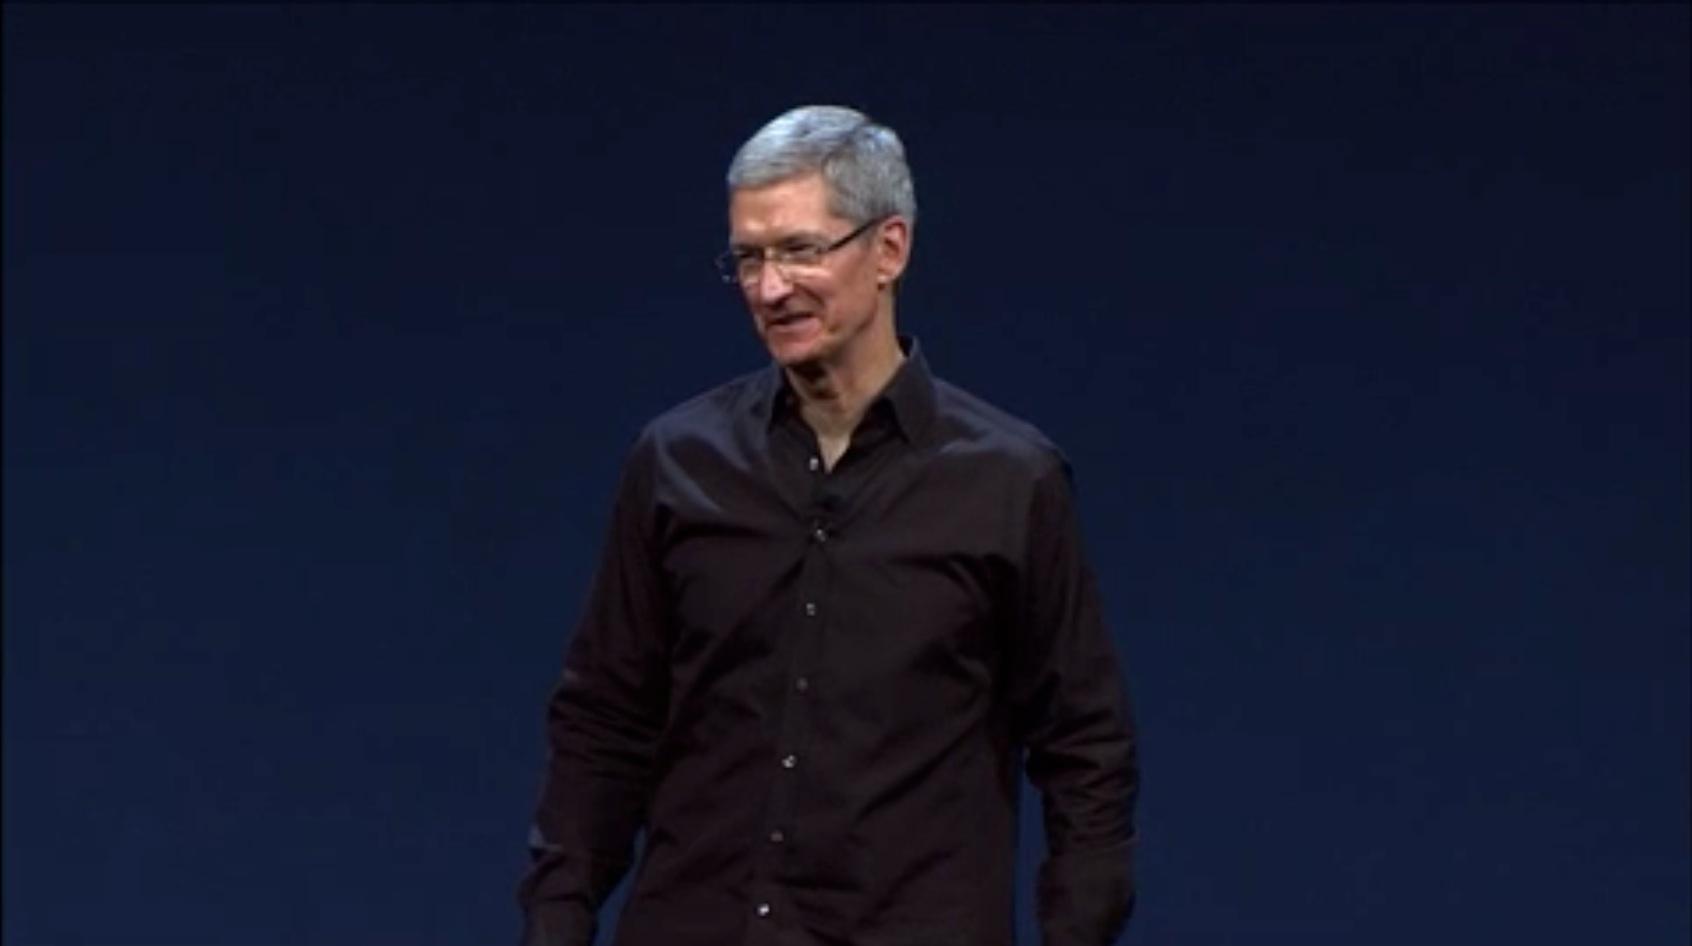 Tim Cook no palco da WWDC 2013